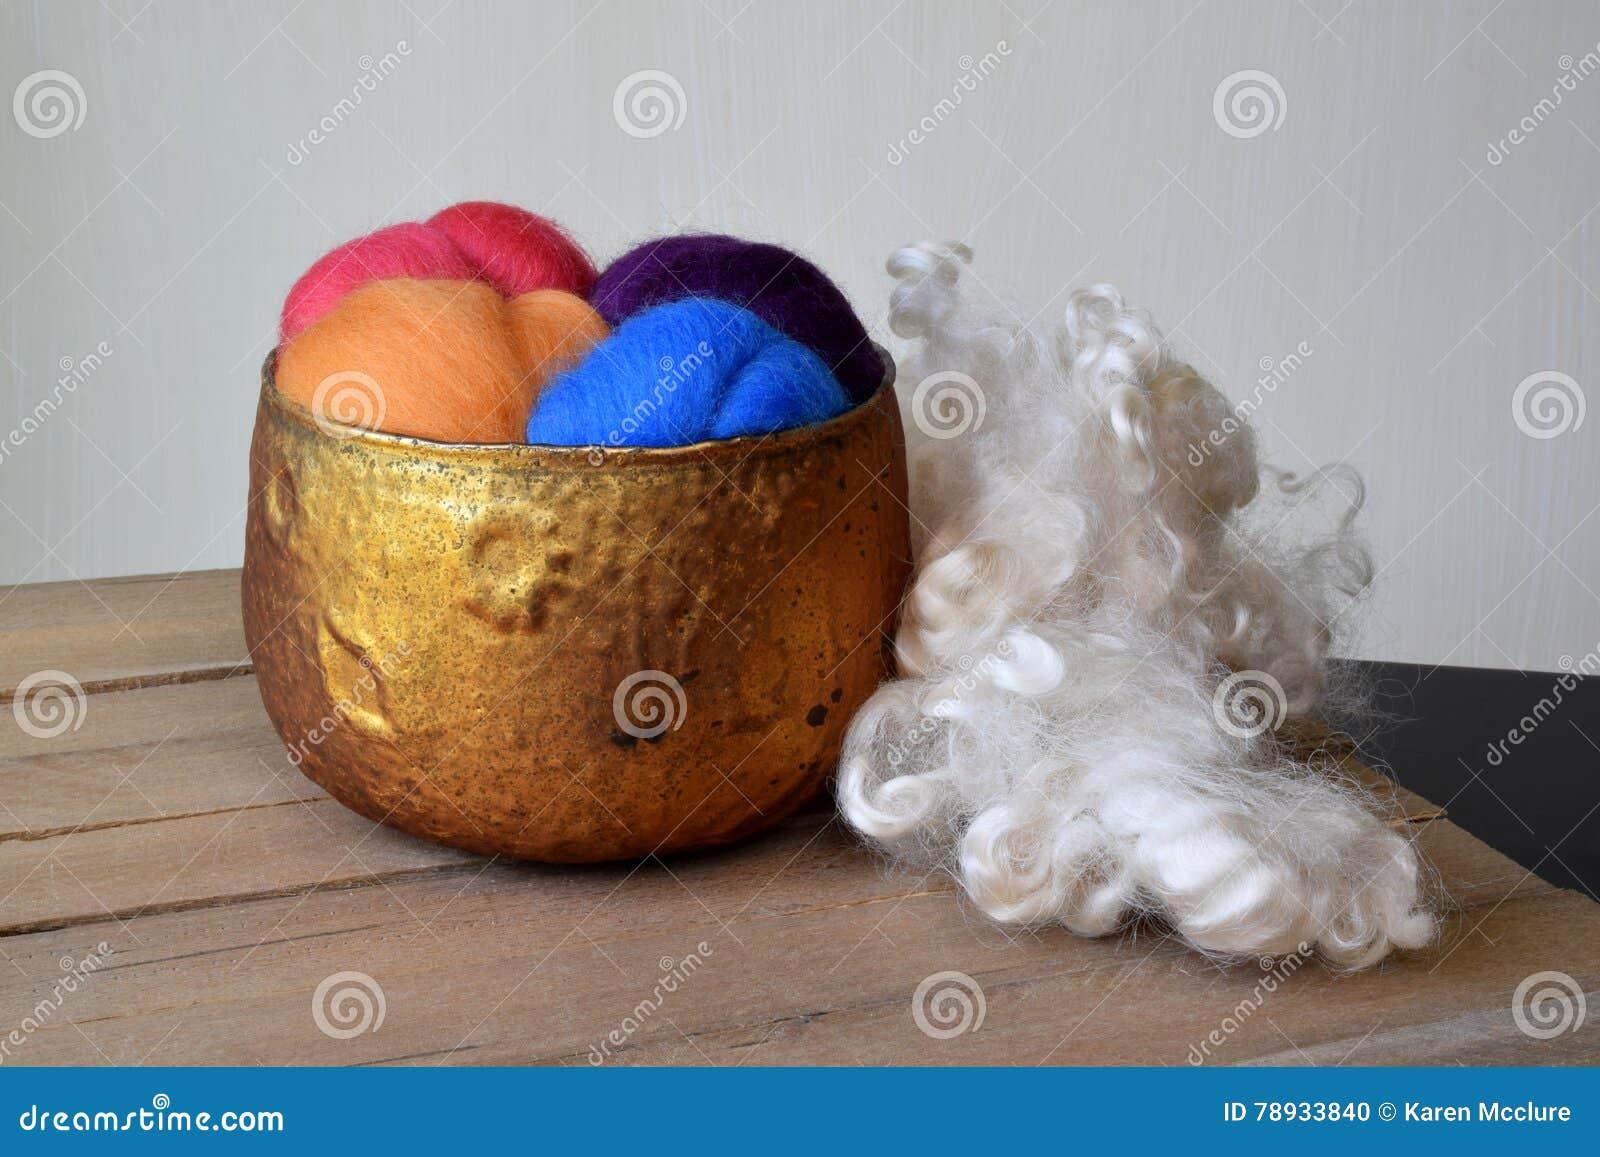 Ζωηρόχρωμη περιπλάνηση μαλλιού προβάτων σε ένα χρωματισμένο χαλκός κύπελλο γυαλιού